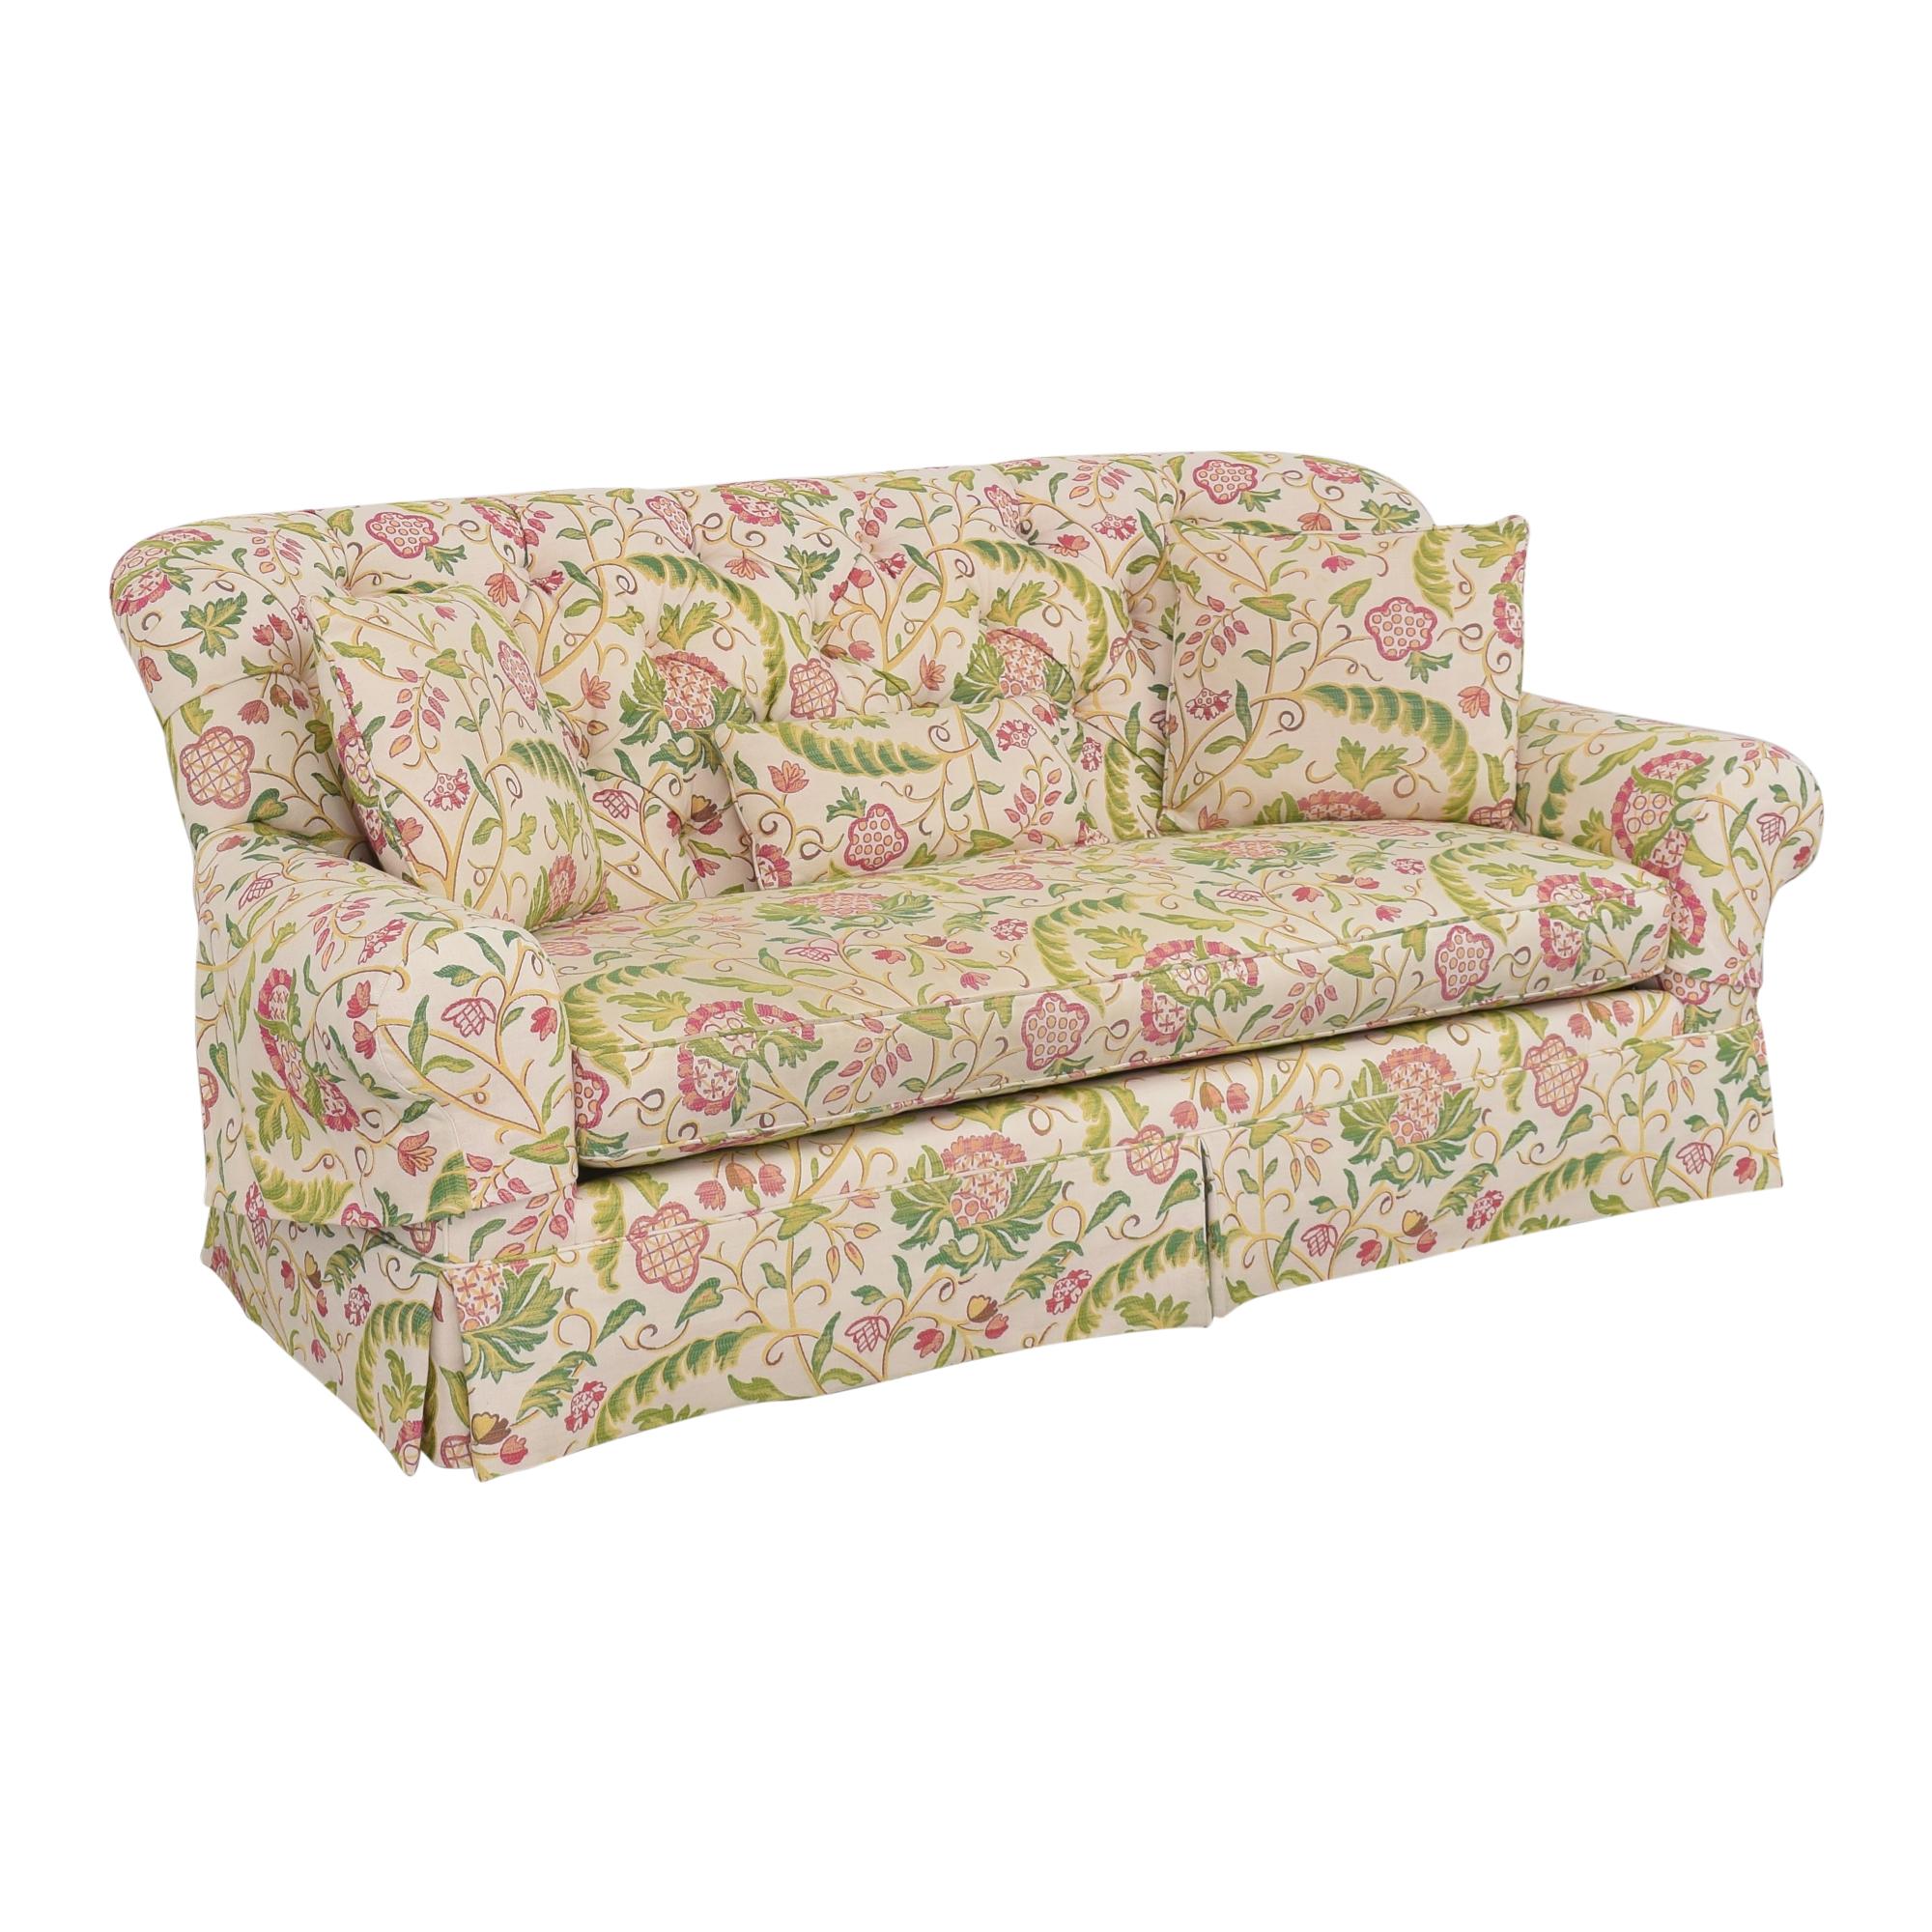 Stickley Furniture Stickley Furniture Custom Upholstered Sofa